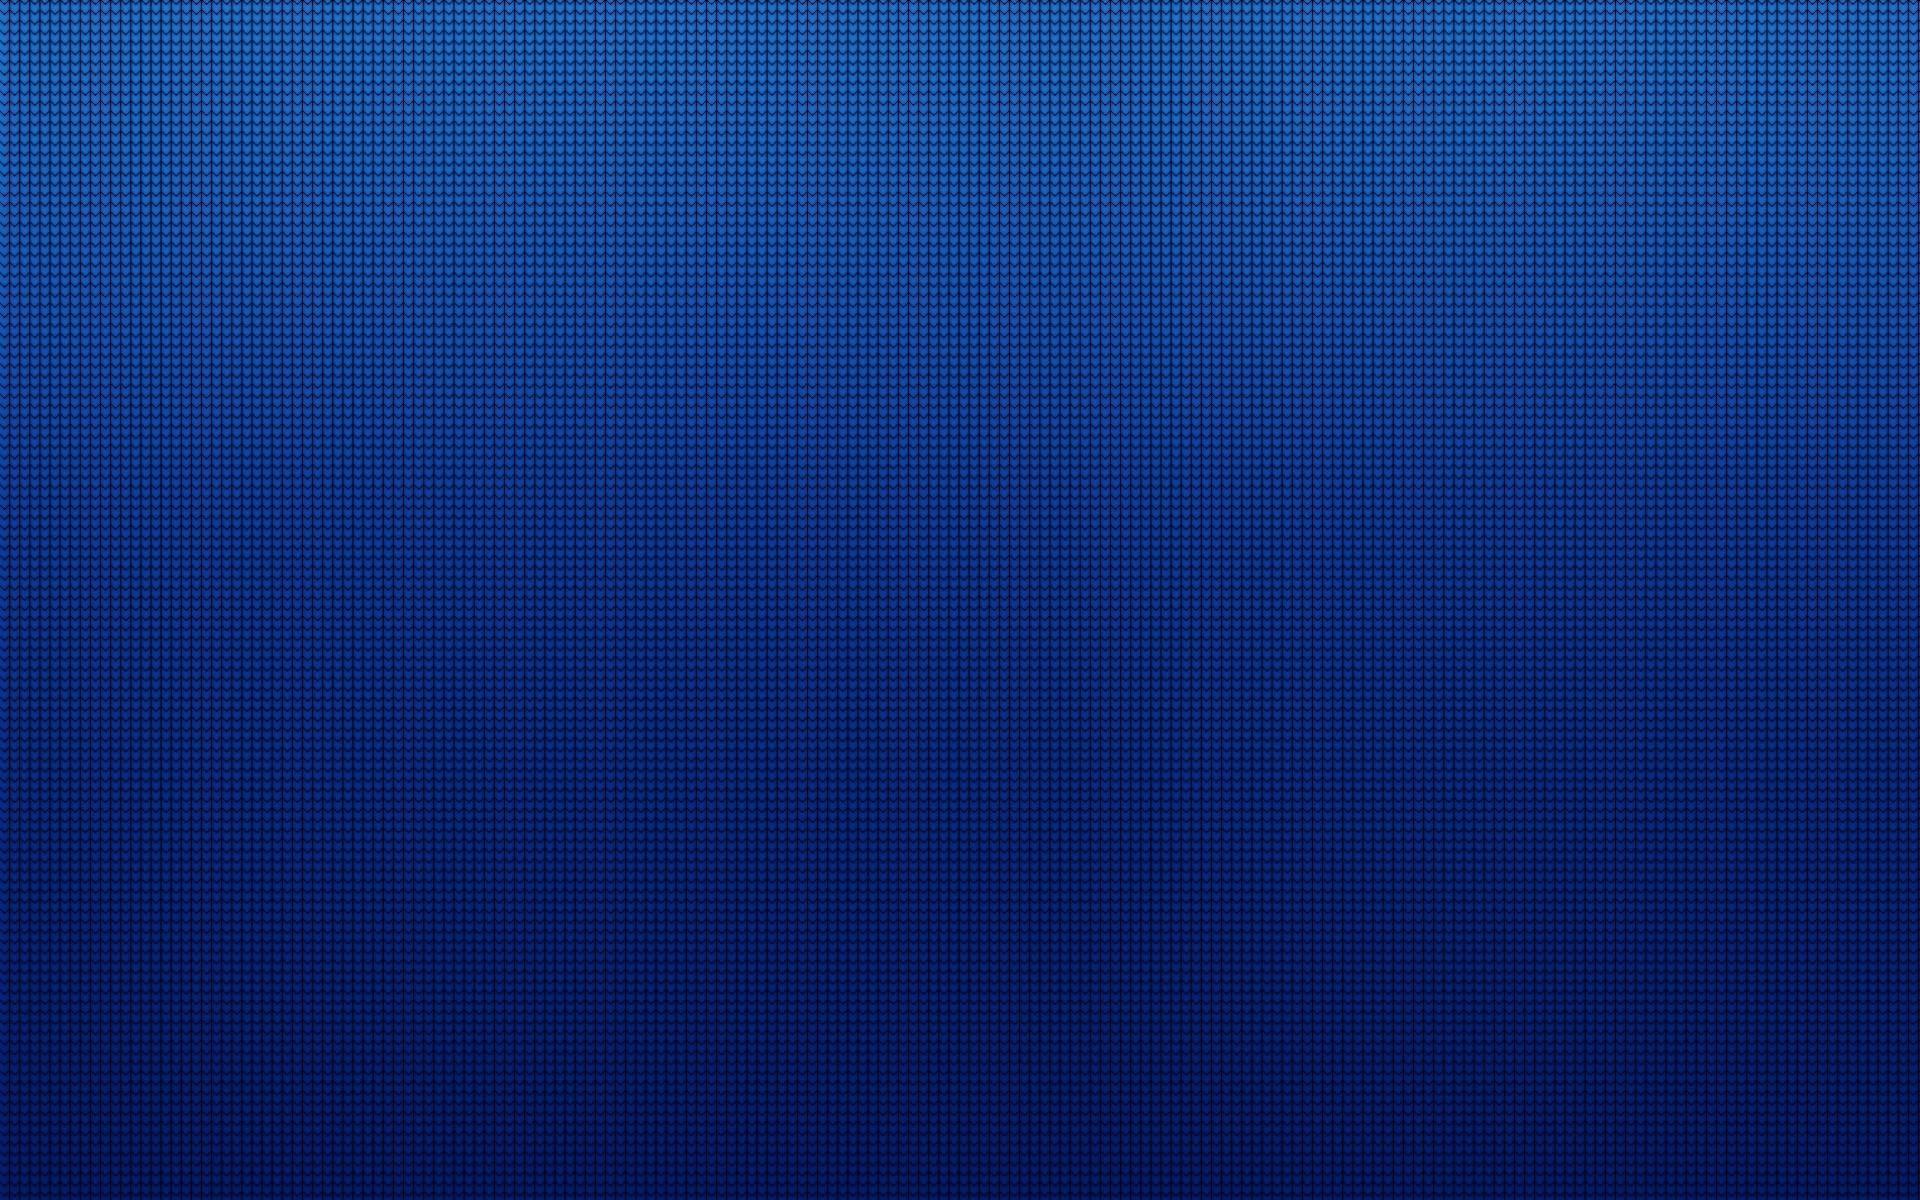 Wallpapers For > Plain Dark Blue Wallpaper